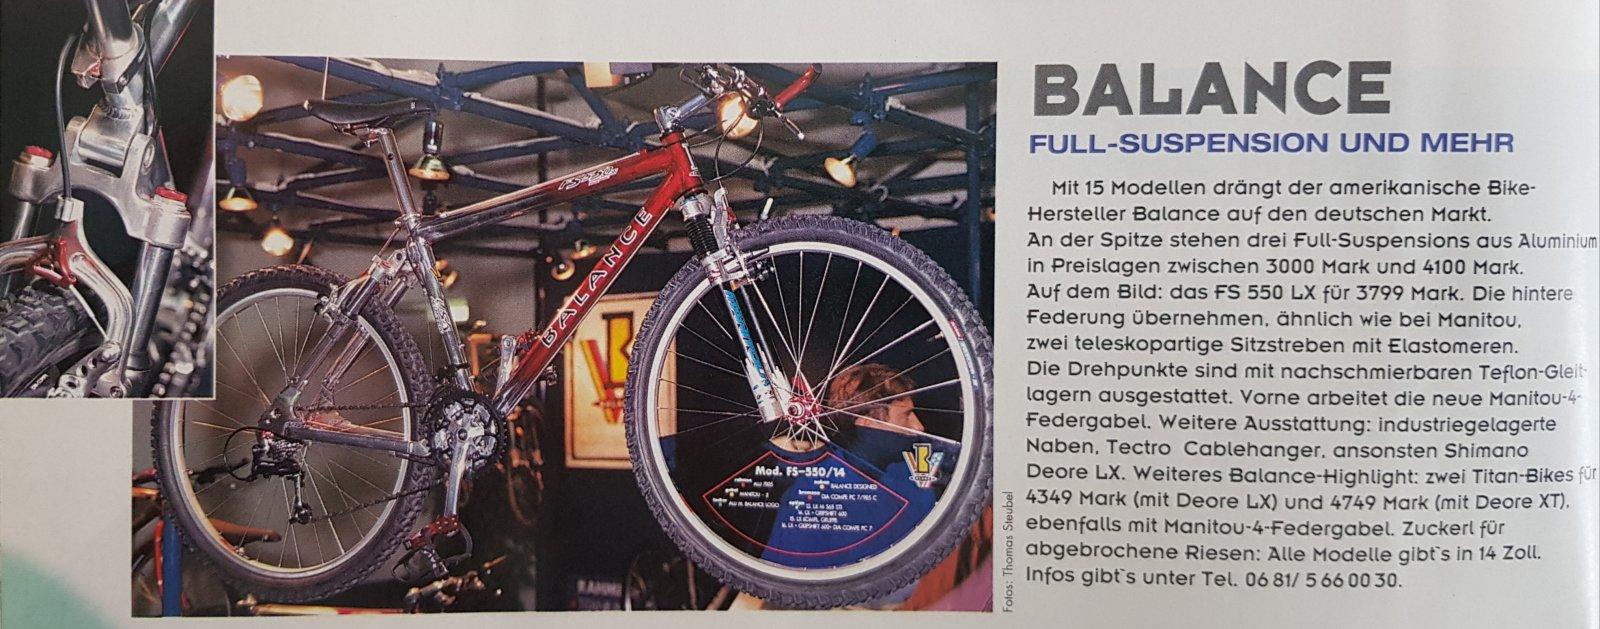 Balance Markteinfühung und Fully aus Bike 1994.jpg